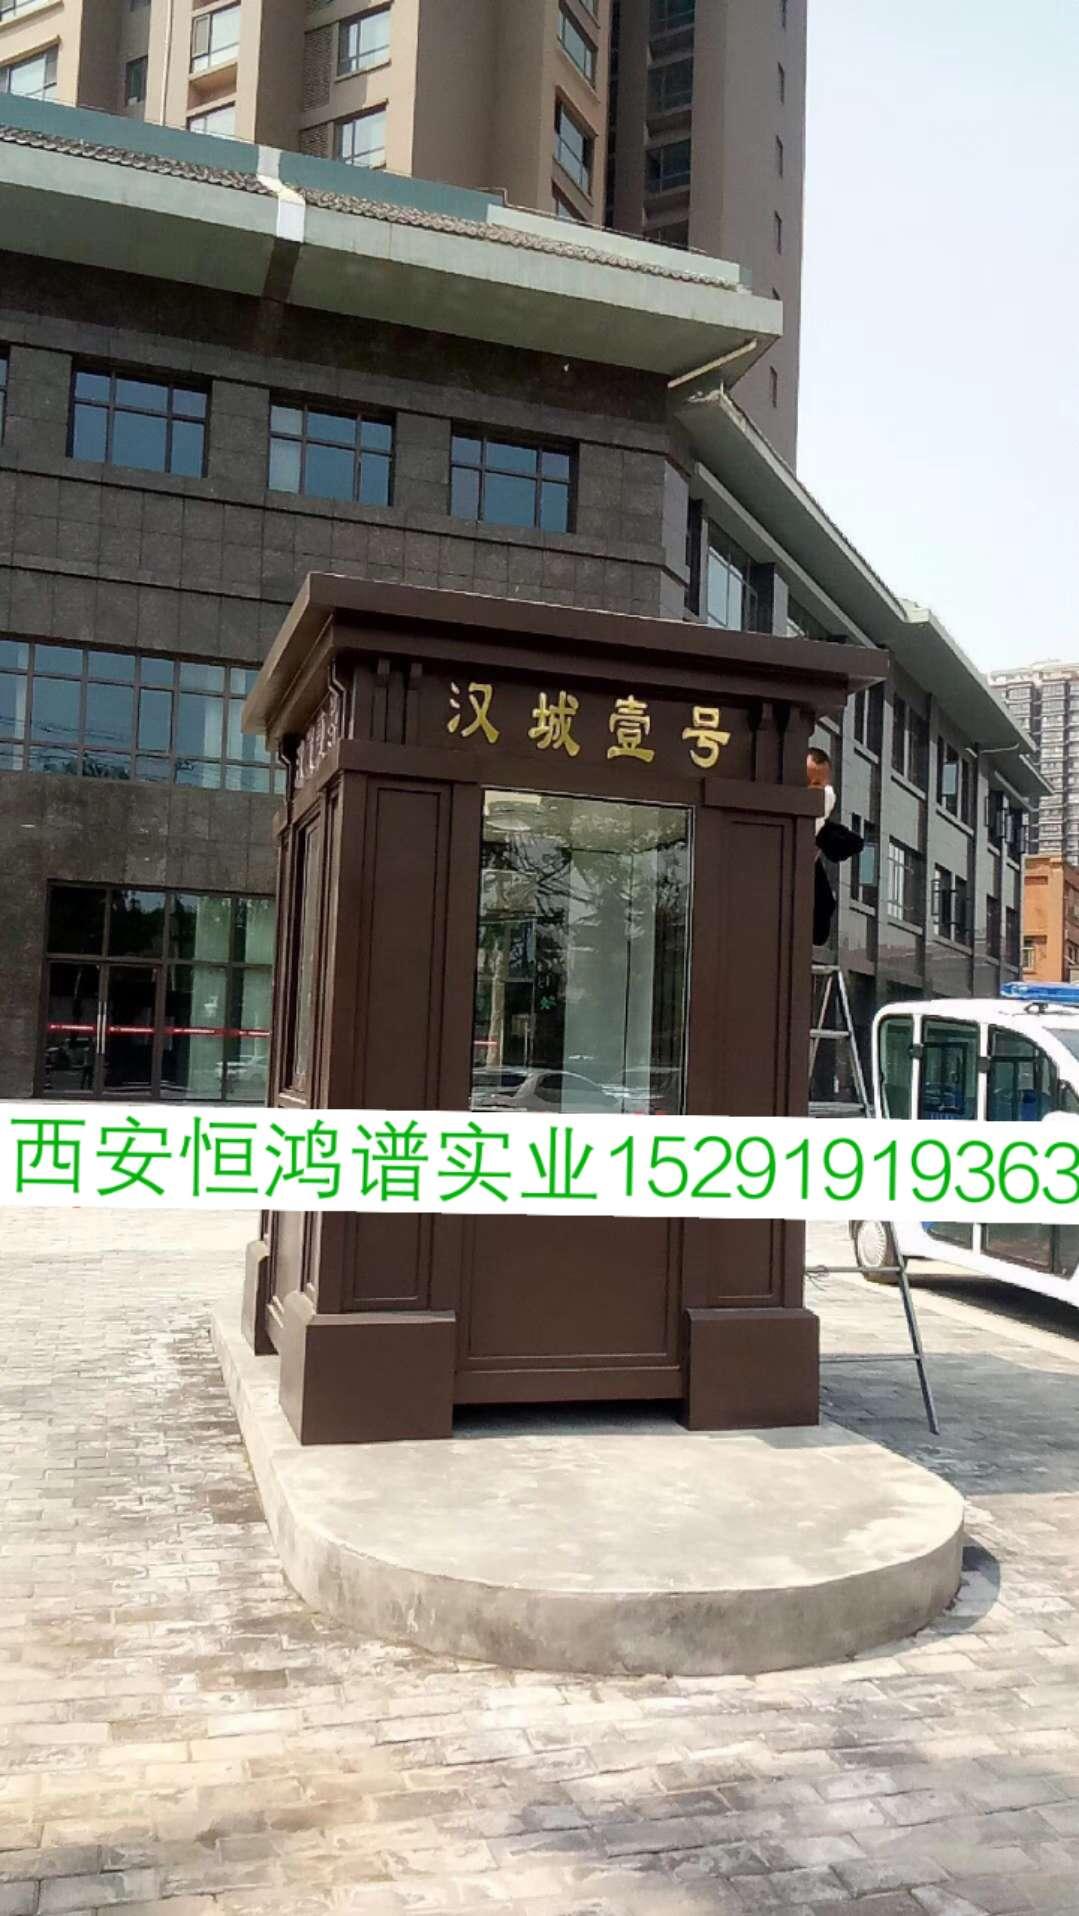 为汉城壹号生产的仿古岗亭放置到位